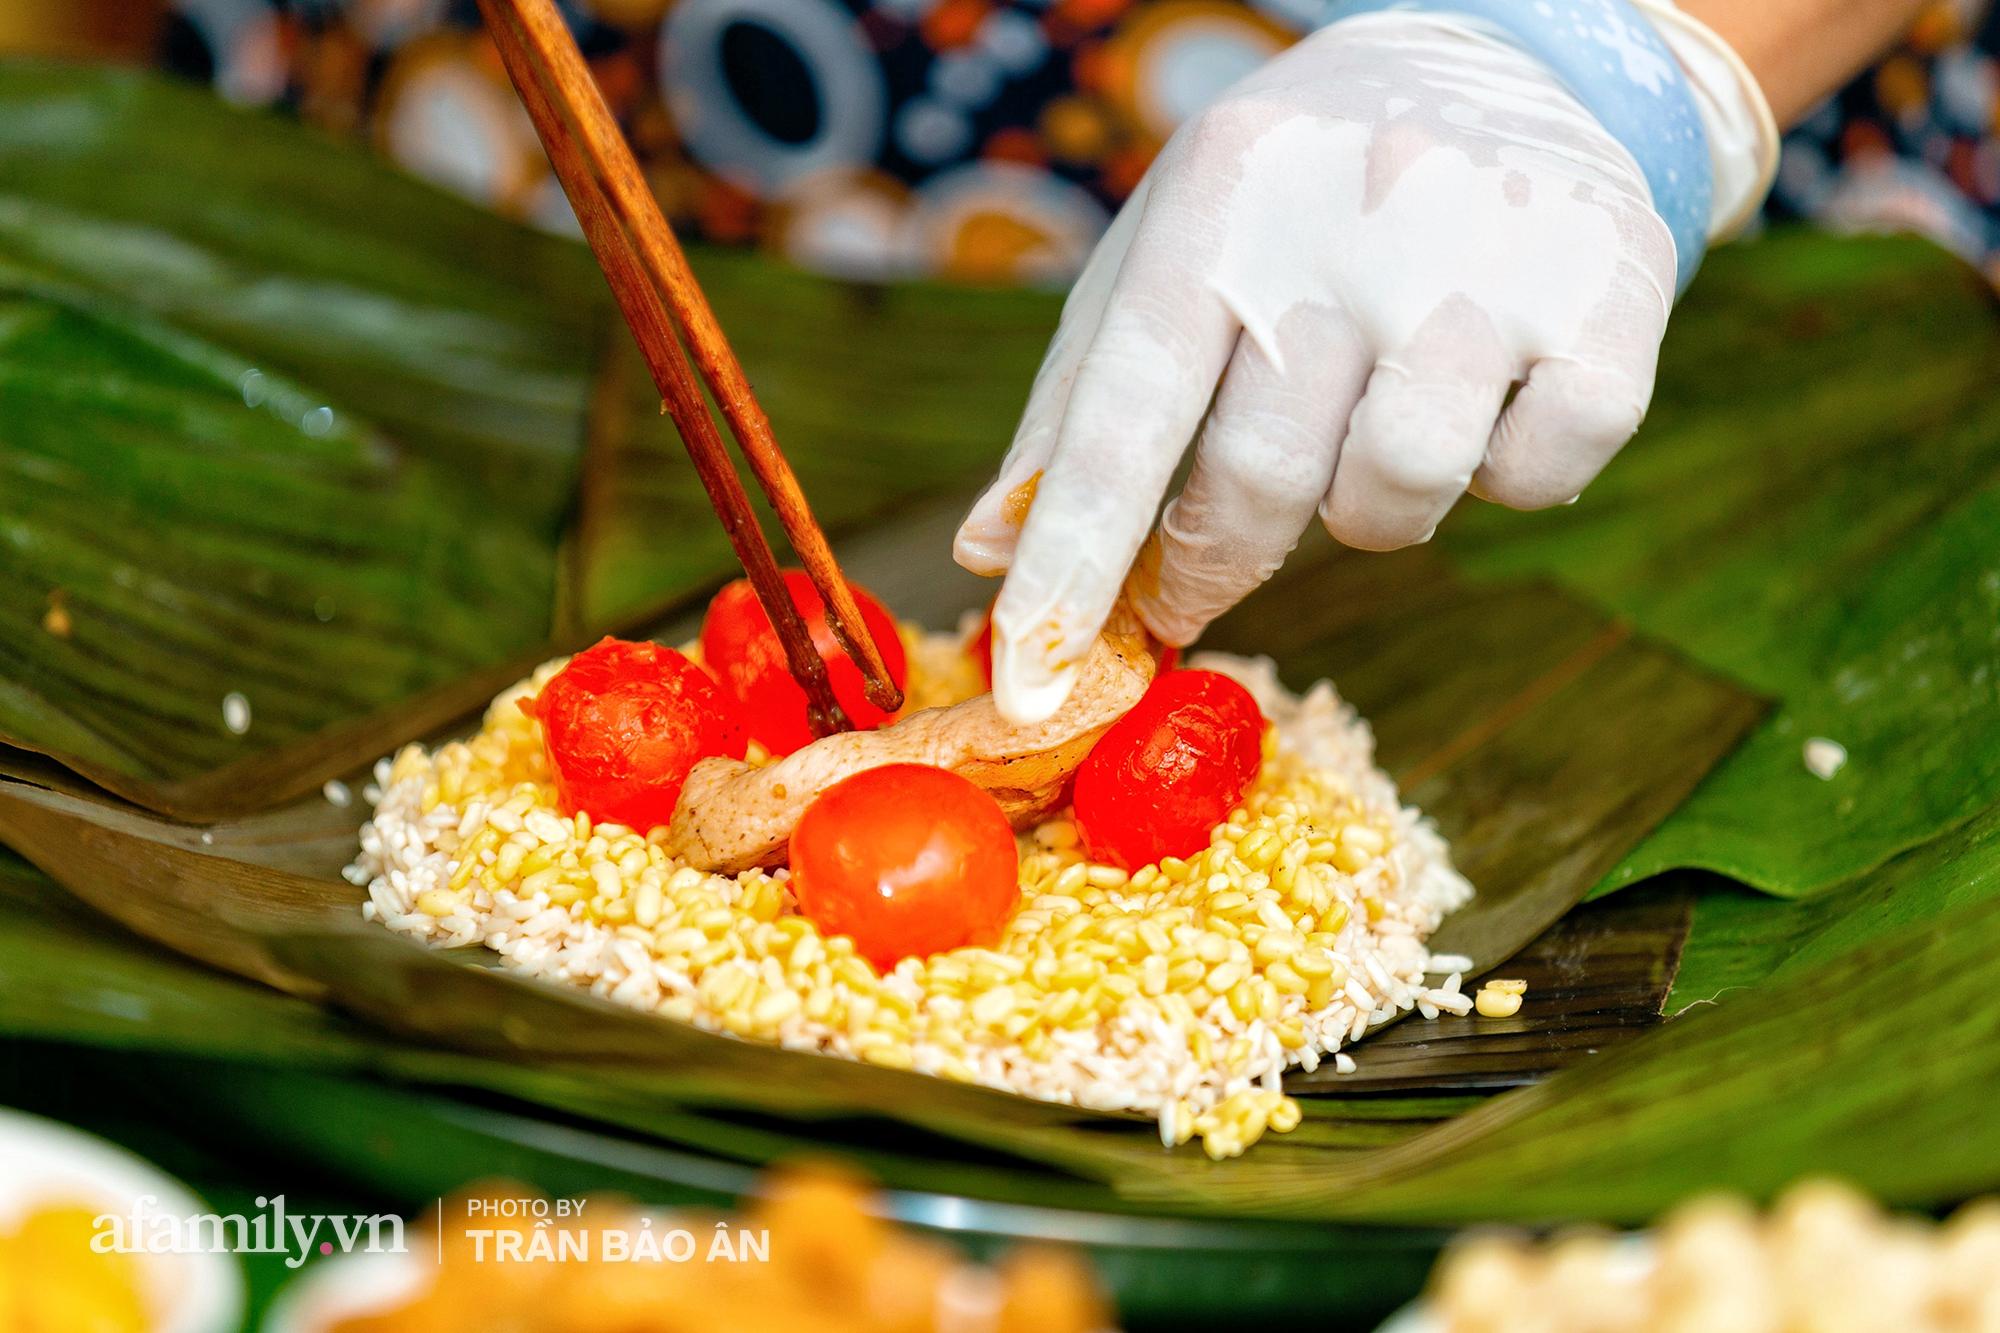 Tết Đoan Ngọ tại lò bánh Bá Trạng lâu đời nhất Sài Gòn, một cặp bánh có giá lên tới 1 triệu đồng với bào ngư, heo quay, sò điệp mà một năm chỉ được ăn duy nhất 1 lần! - Ảnh 6.